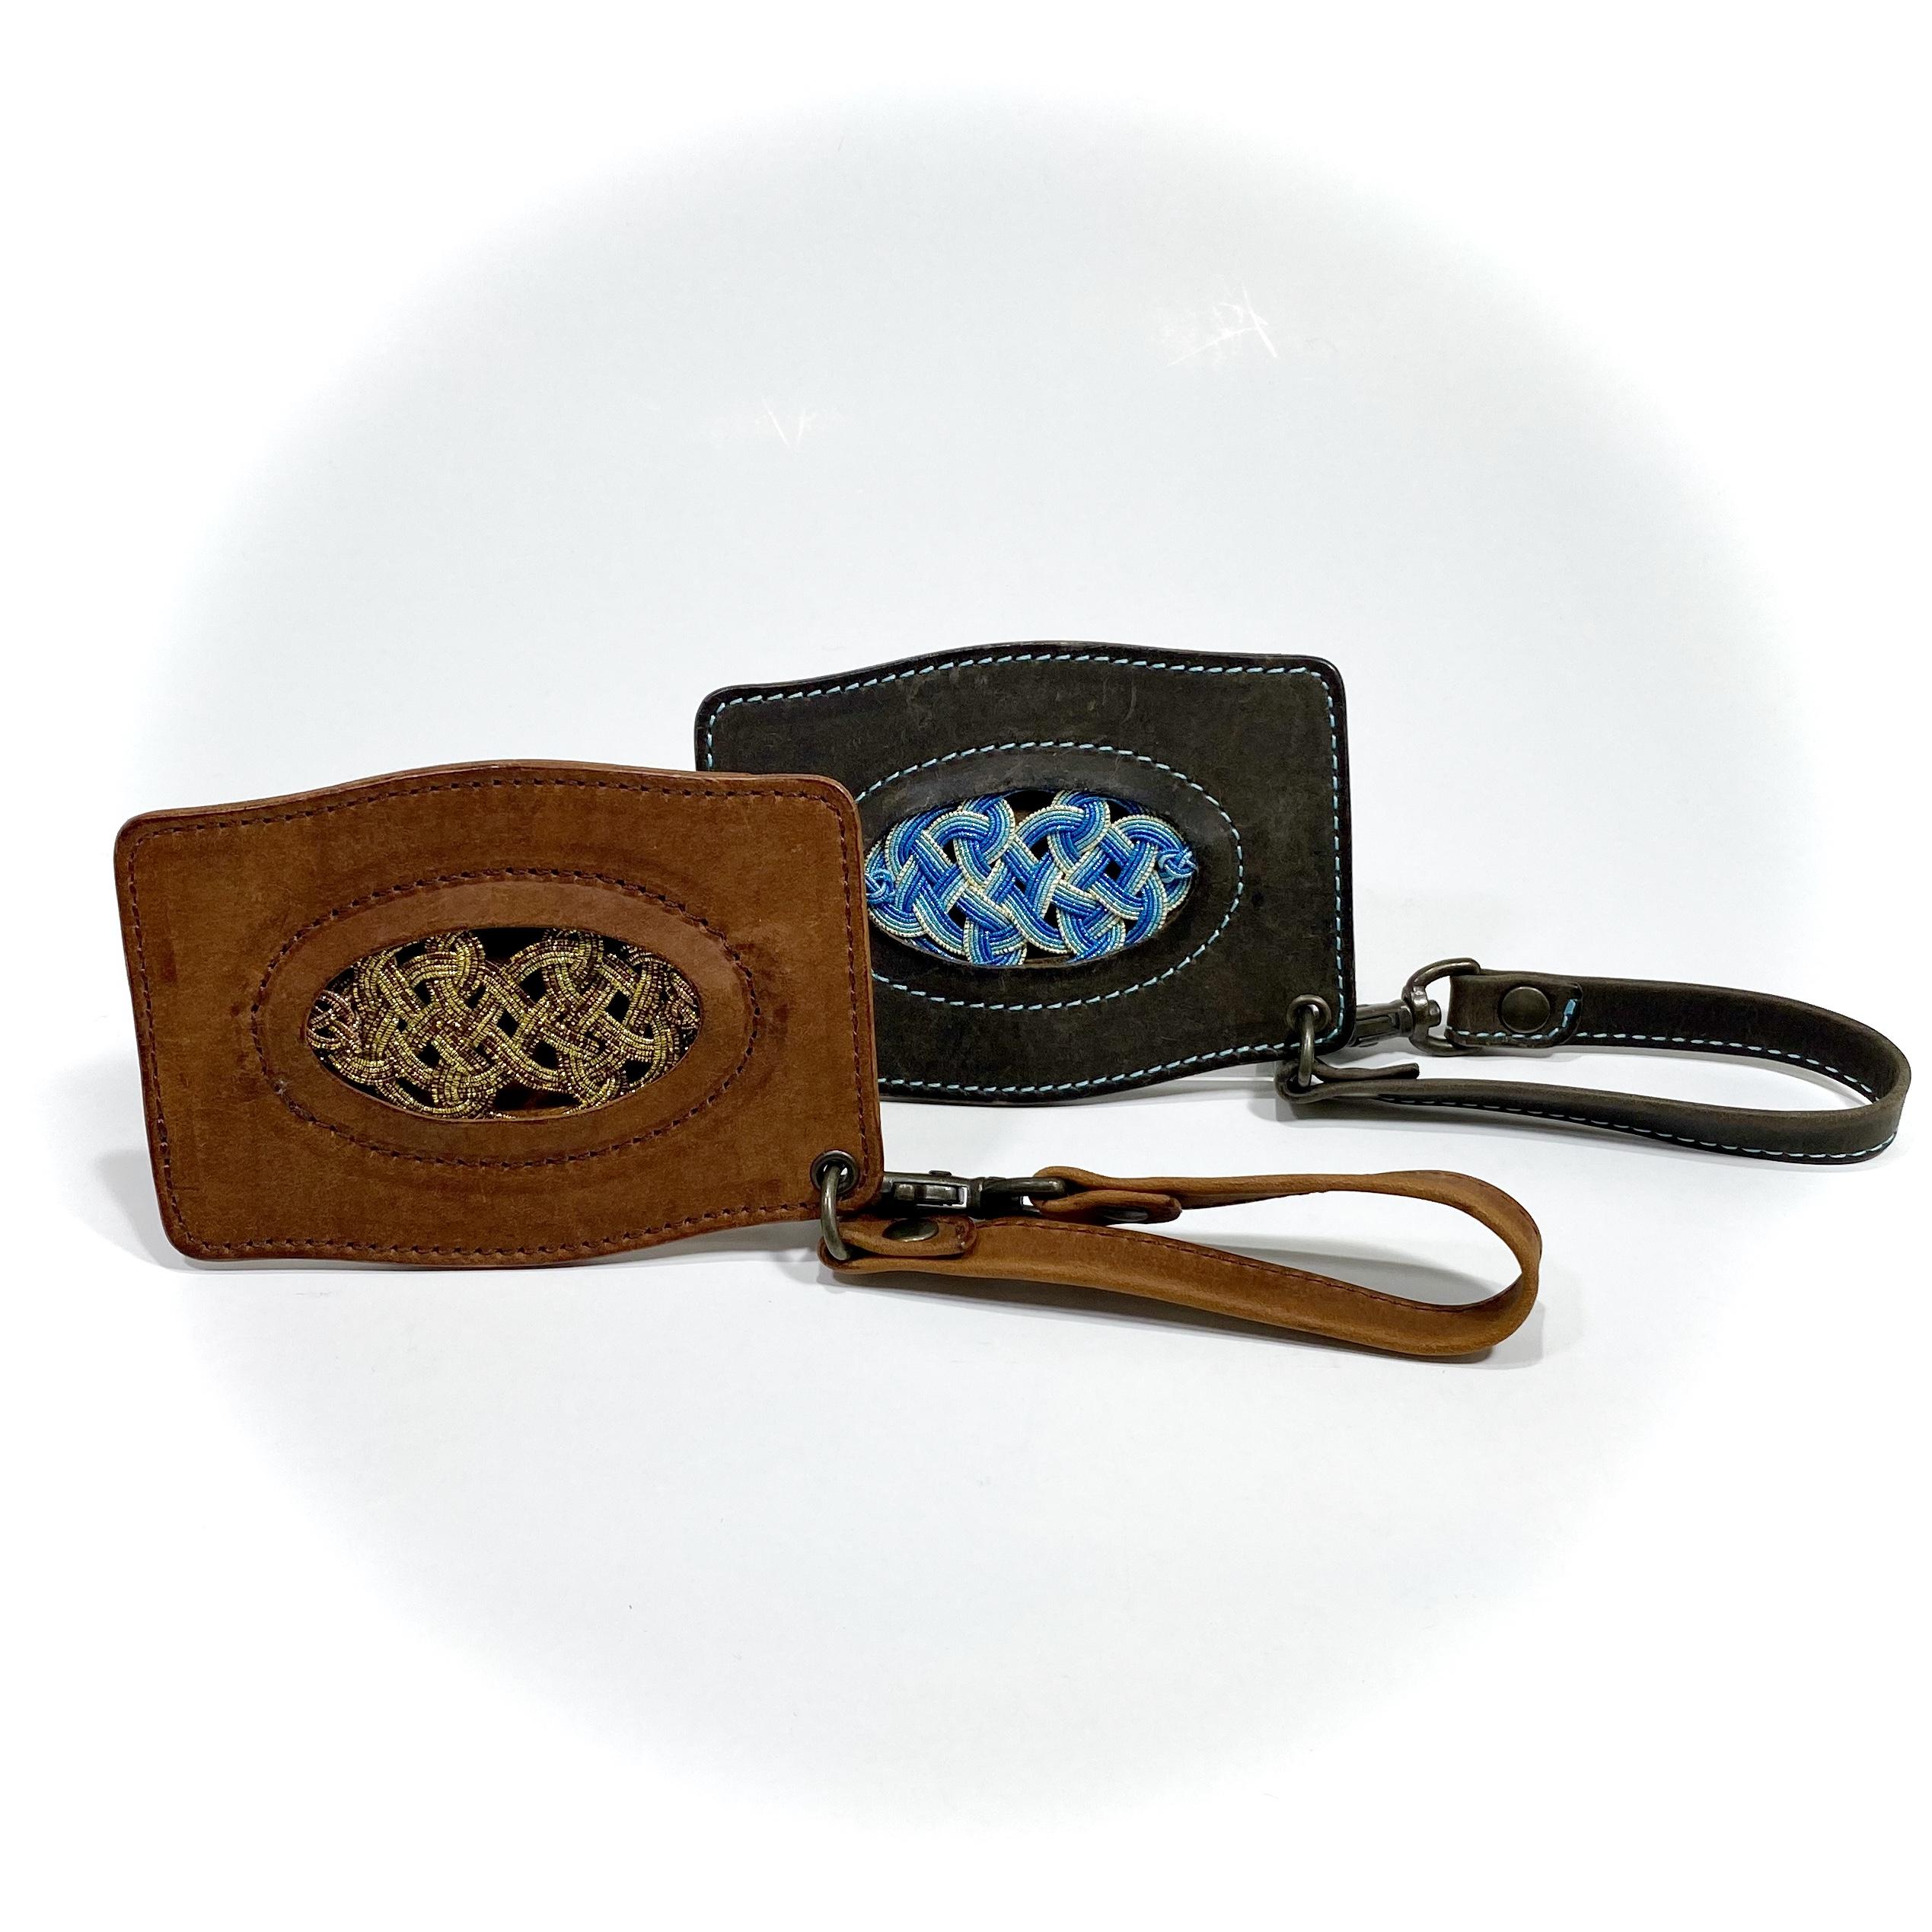 父の日にオススメ‼︎ 水引×革のパスケースで他にないプレゼントを贈りませんか⁇